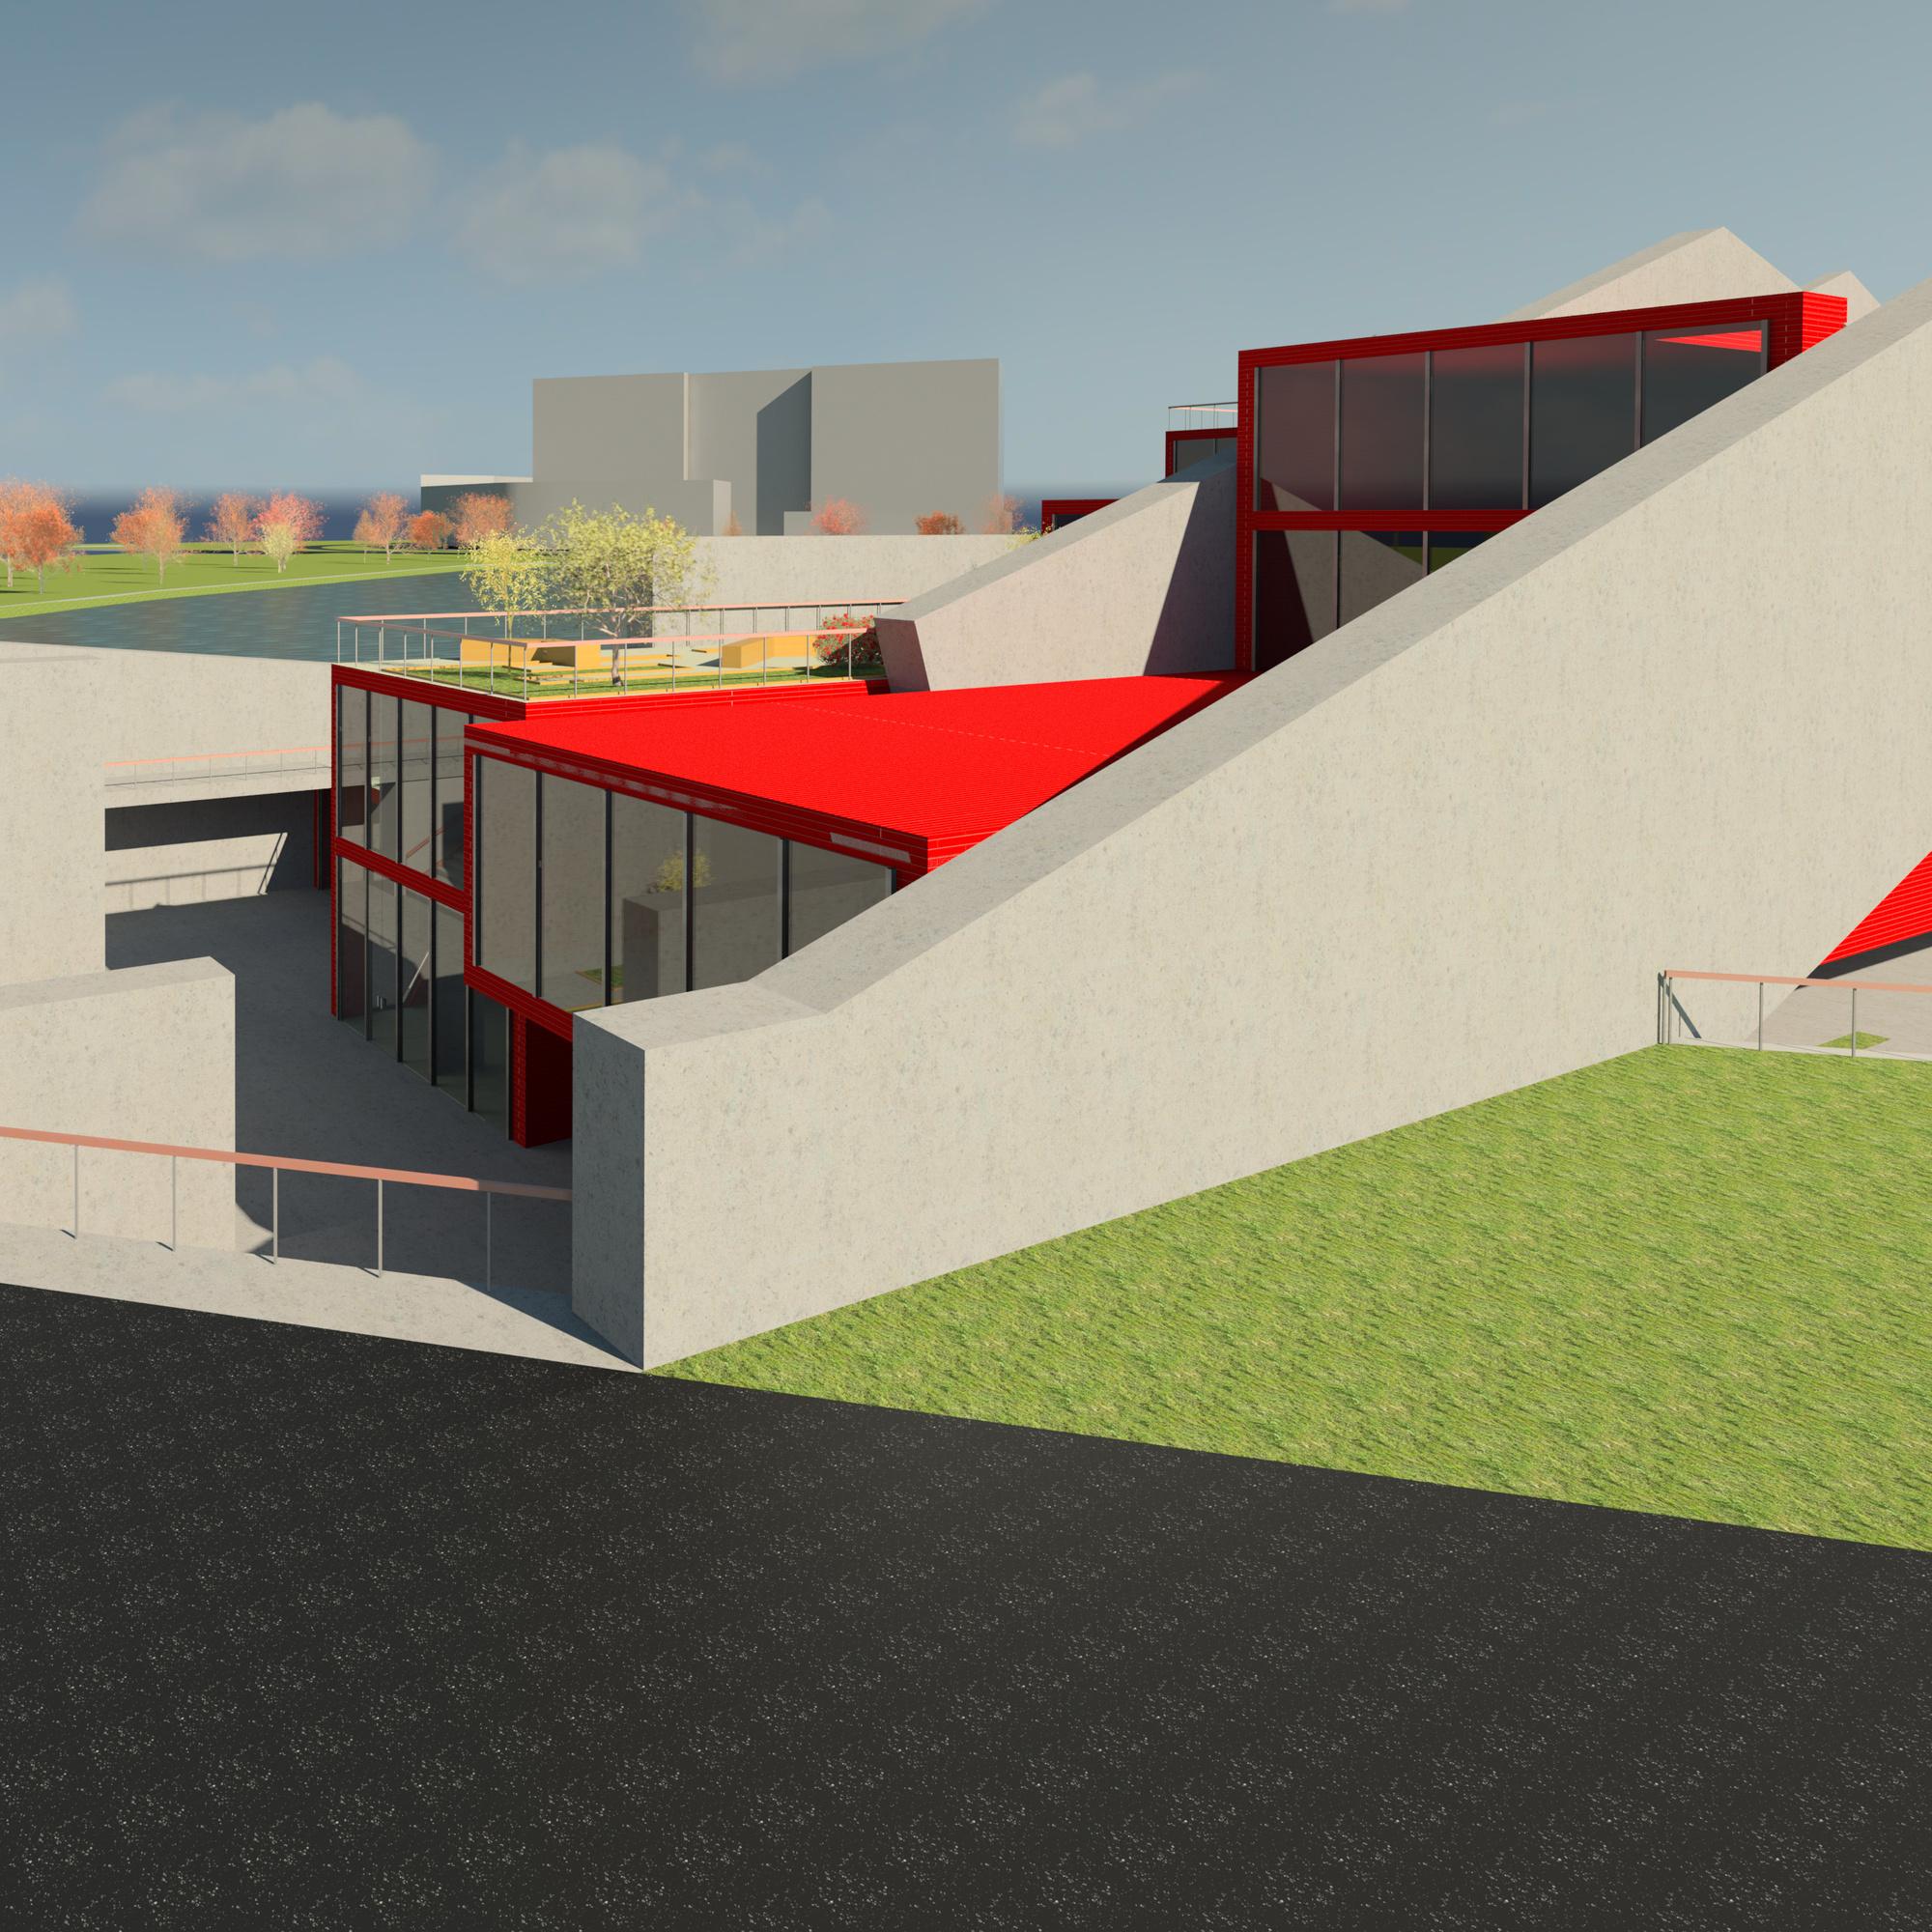 Raas-rendering20150223-16544-1l8xh96